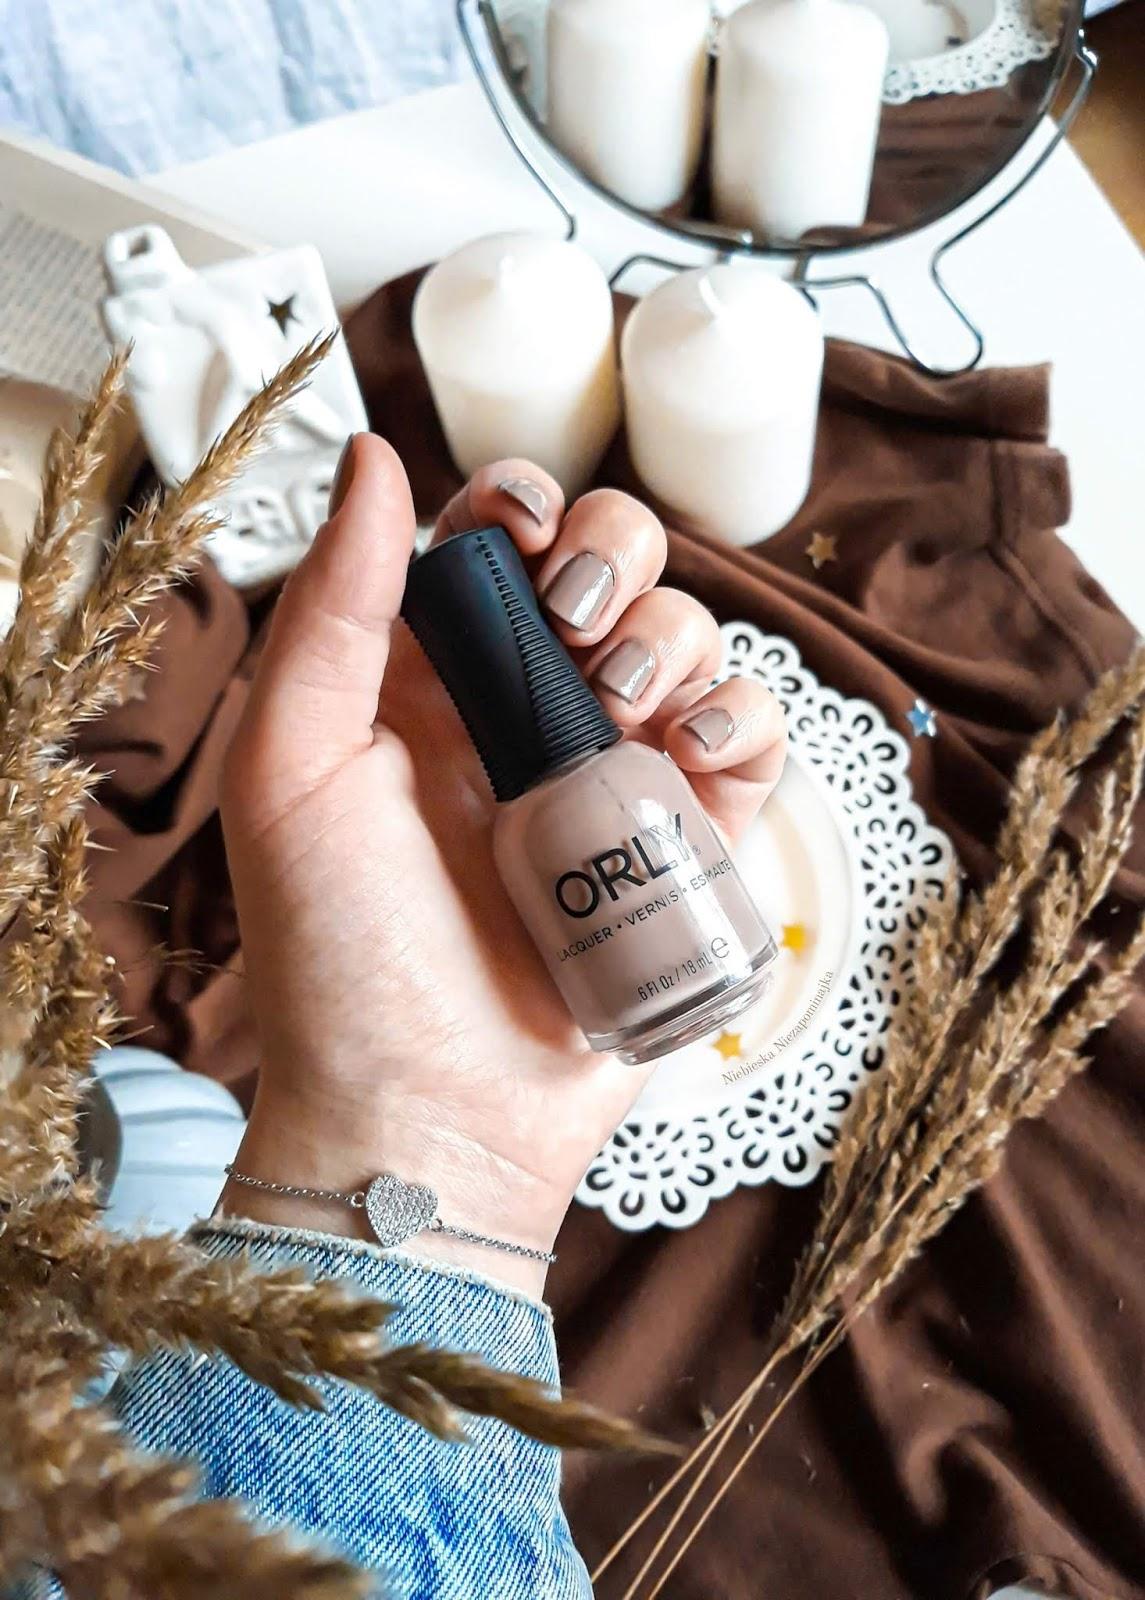 Stylizacja paznokci - Country Club Khaki丨Orly